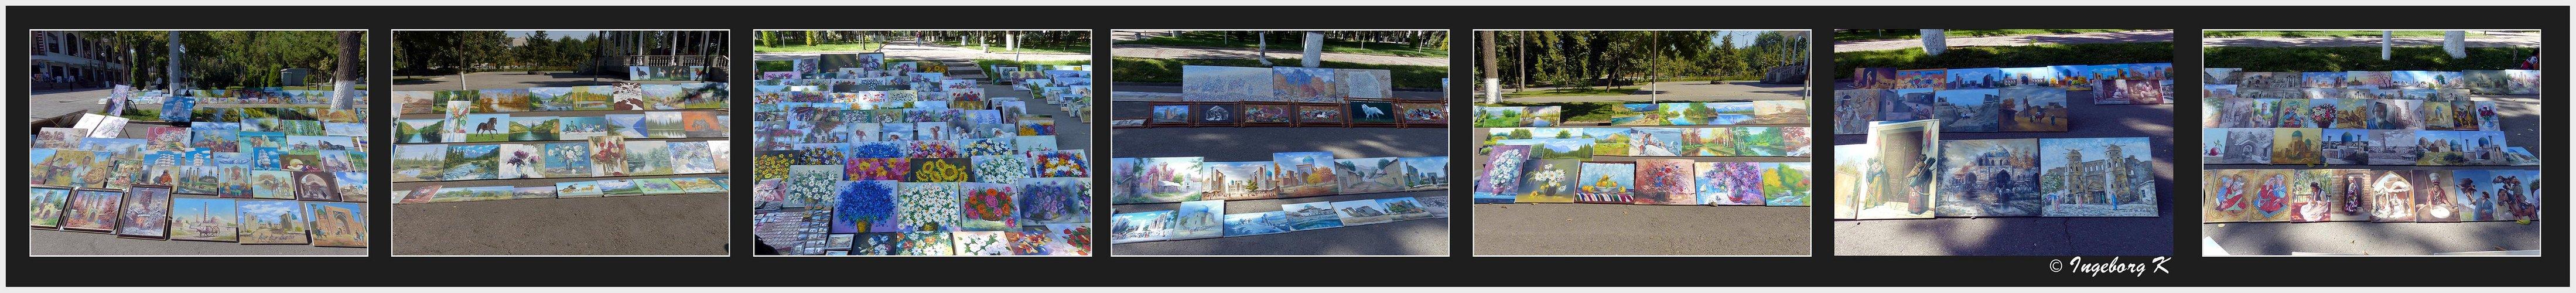 Taschkent - Bilderausstellung in der Fußgängerzone in einer Parkanlage